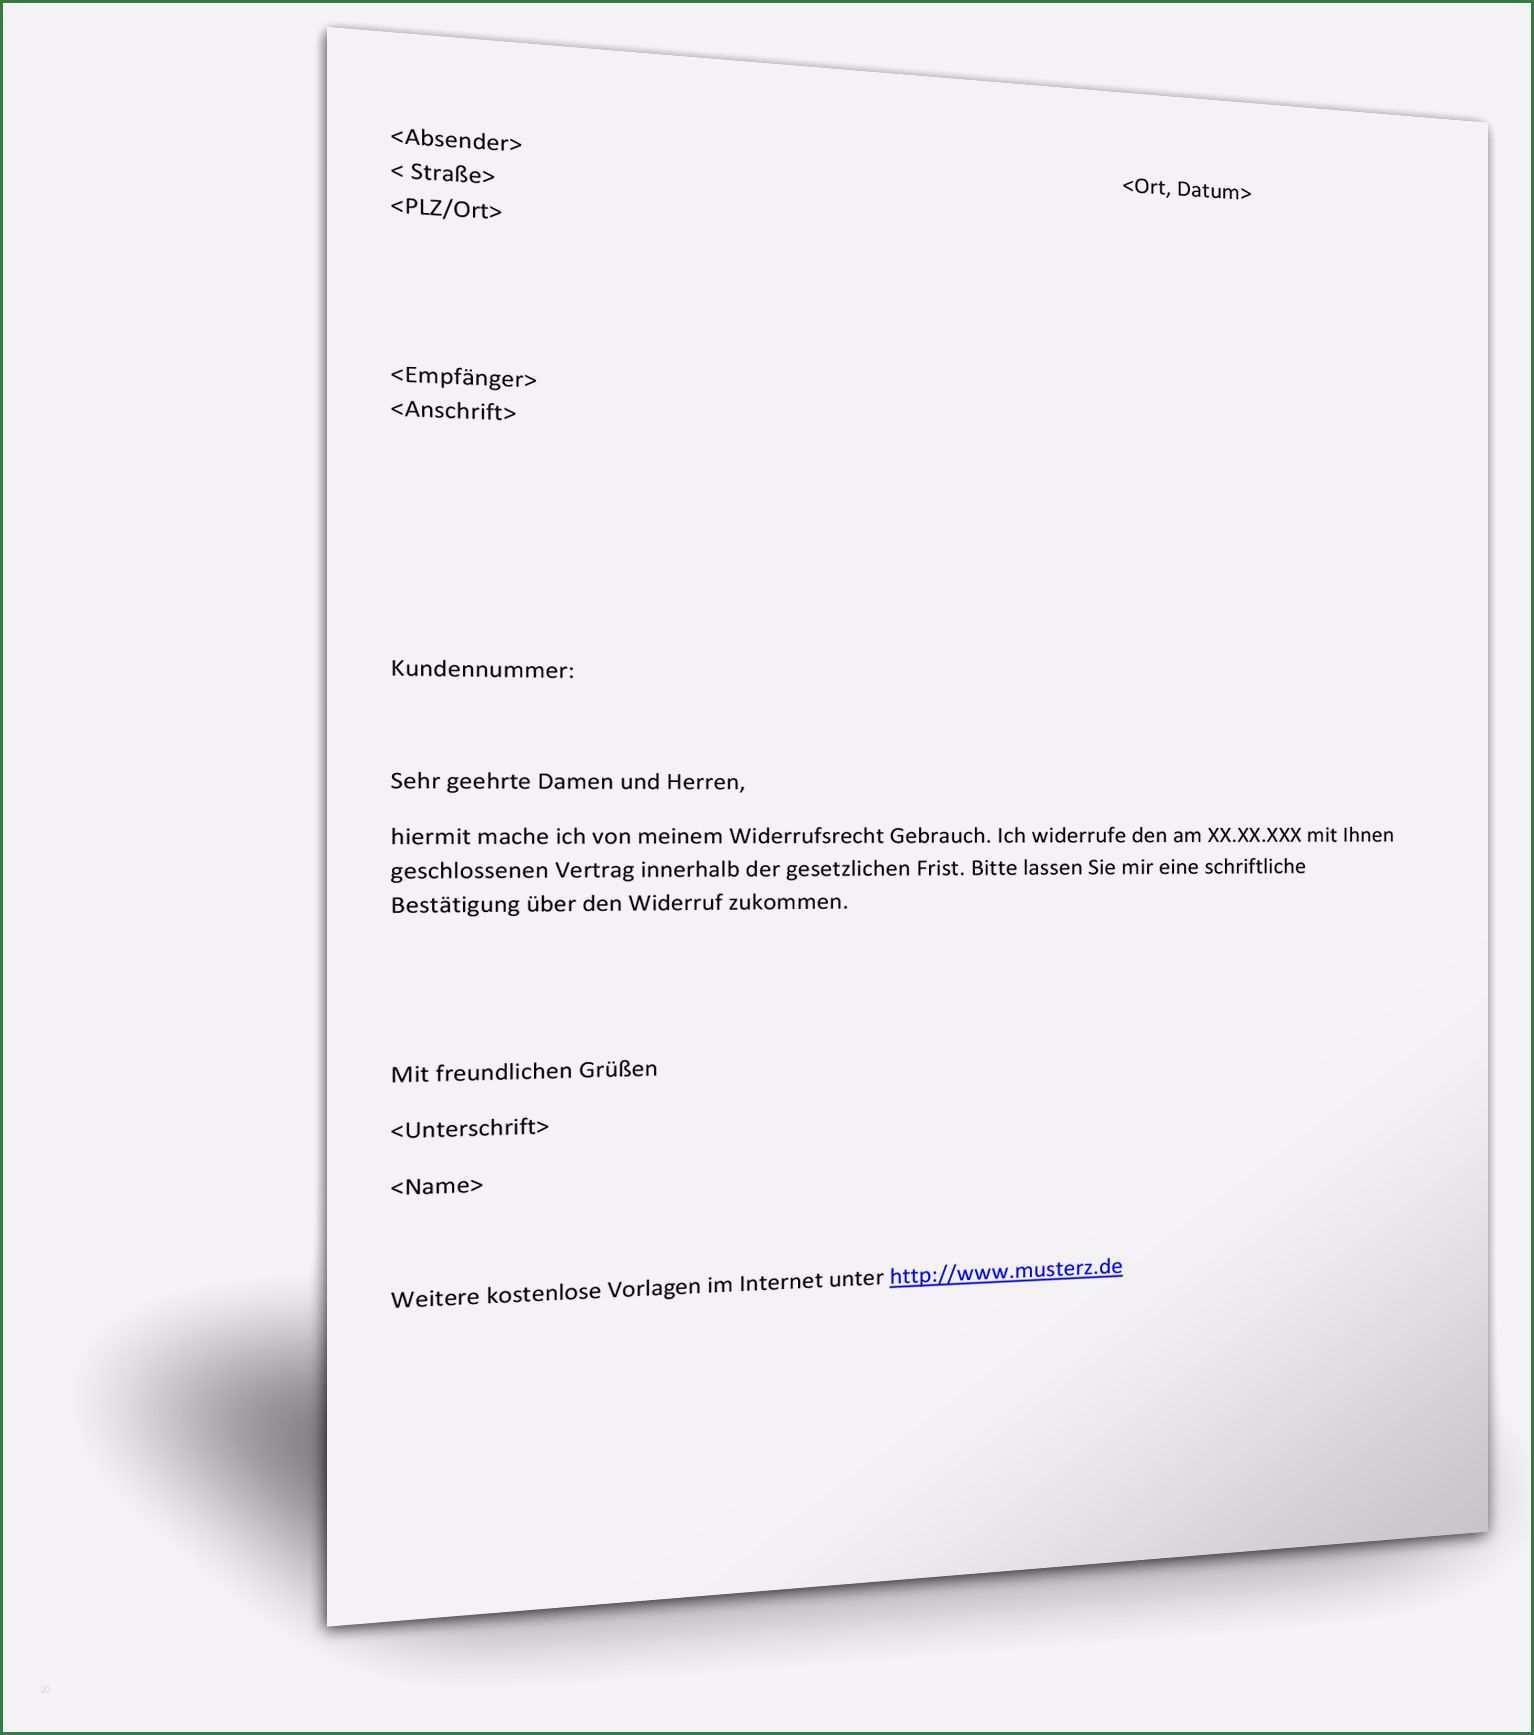 30 Beste Bafog Antrag Zuruckziehen Vorlage Abbildung Vorlagen Briefkopf Vorlage Lebenslauf